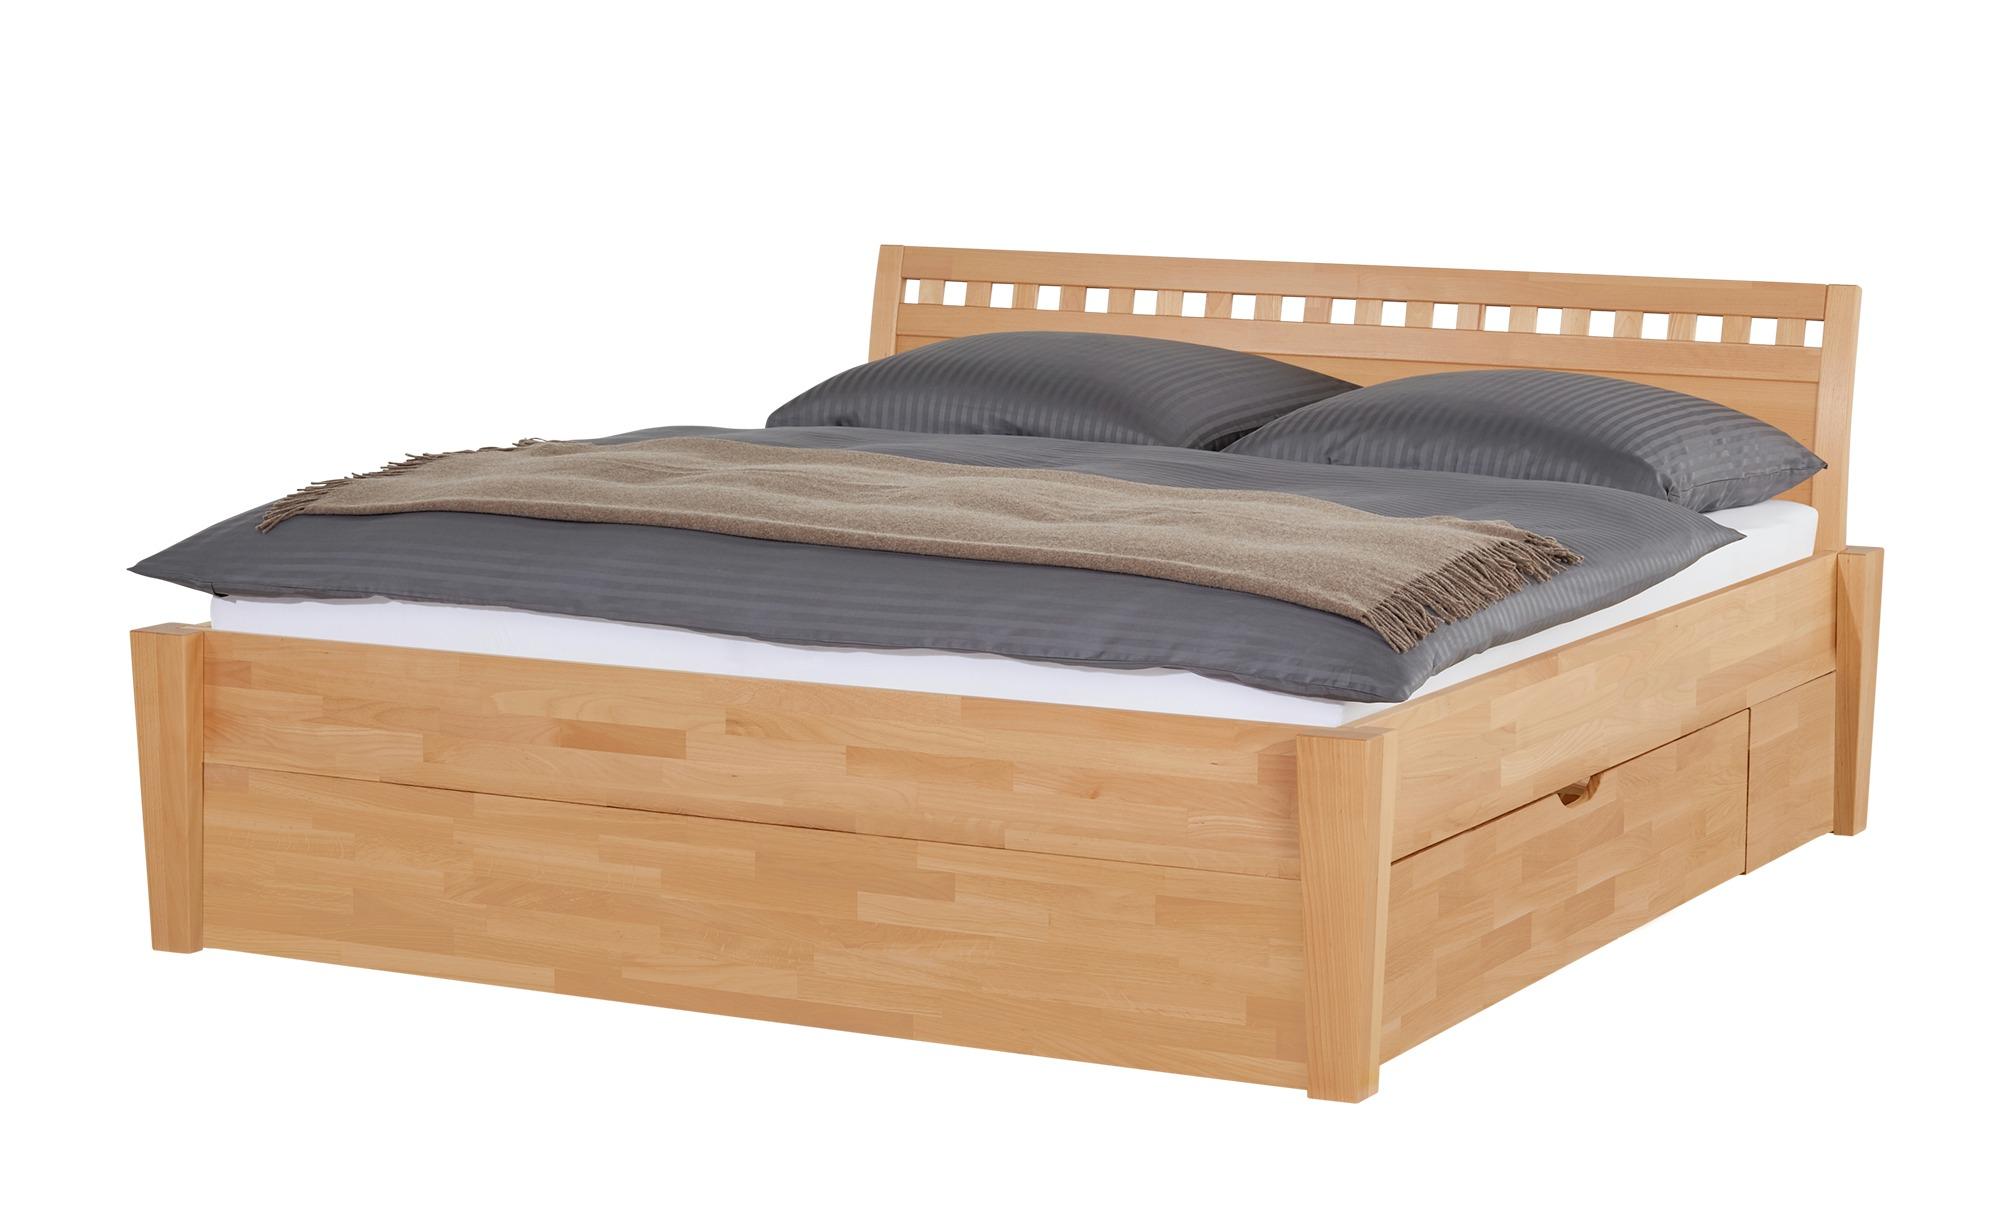 Full Size of Bett Weiß 160x200 Mit Bettkasten Stauraum Betten Ikea Schlafsofa Liegefläche Lattenrost Und Matratze Schubladen Weißes Komplett Wohnzimmer Bettgestell 160x200